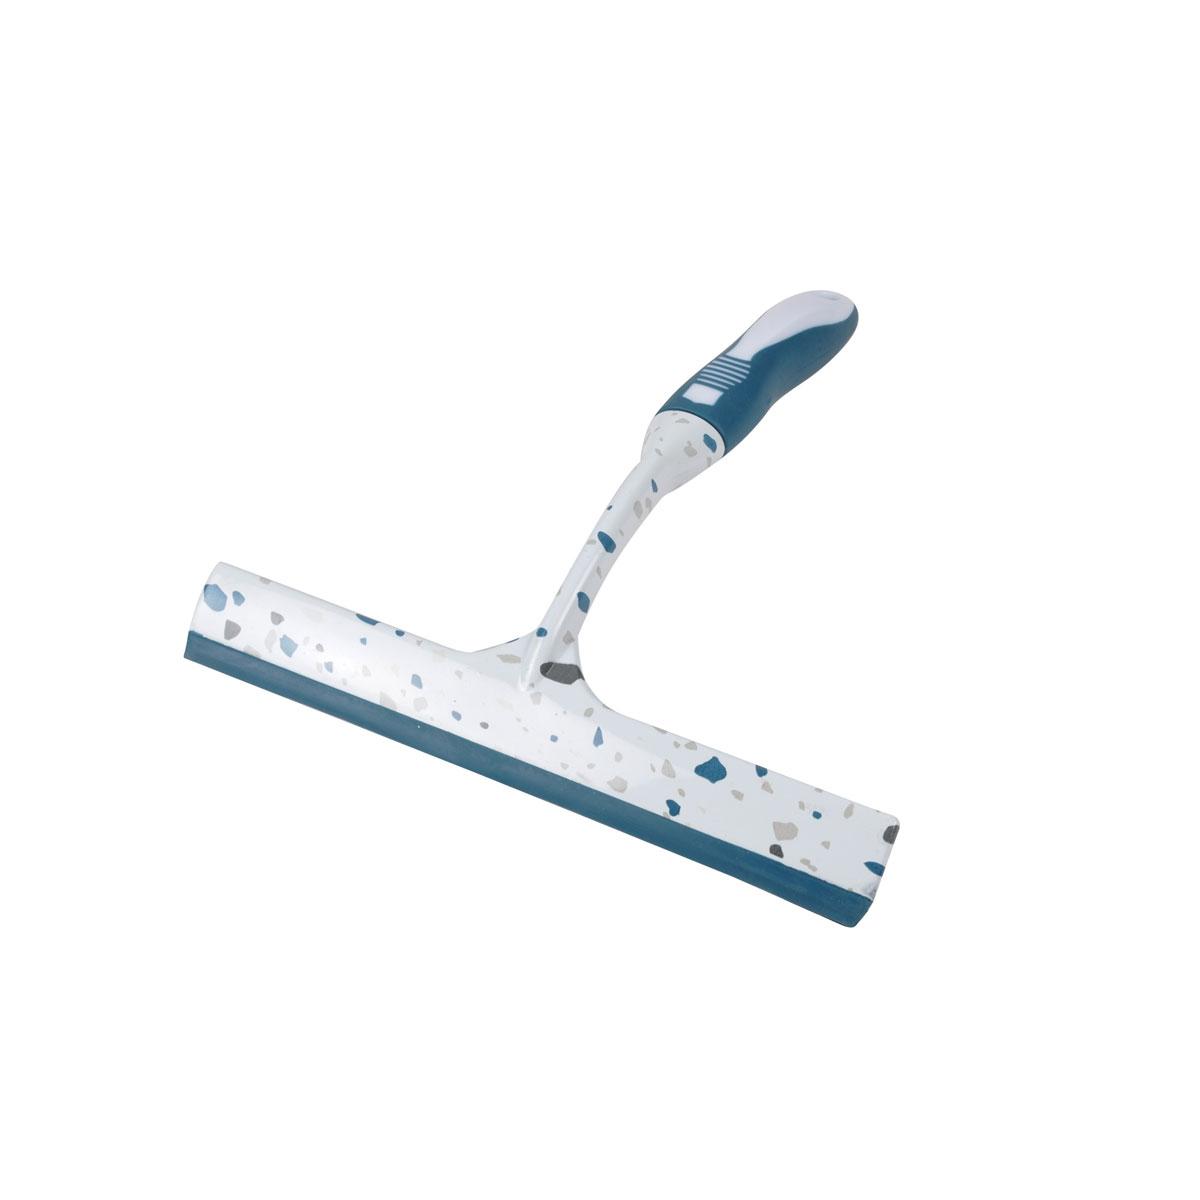 Καθαριστής Για Γυάλινες Επιφάνειες + Πλακάκια L-C Terrazzo MEN066